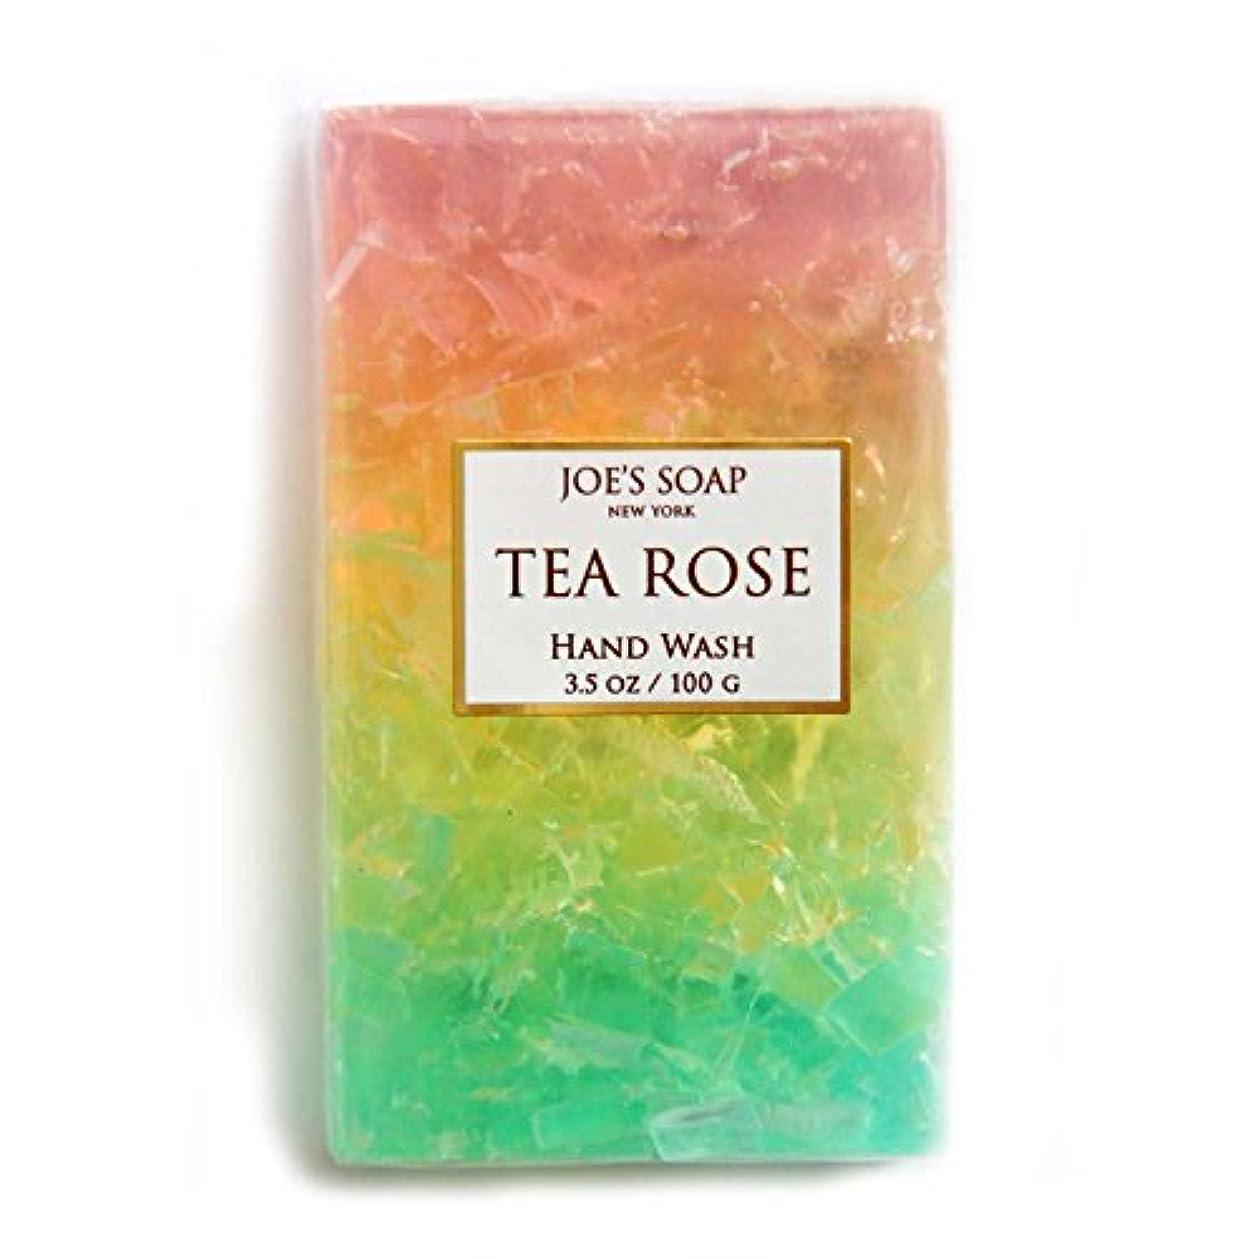 啓示変換エンジニアリングJOE'S SOAP ジョーズソープ グラスソープ 100g 石けん ボディソープ 洗顔料 せっけん 固形 ギフト